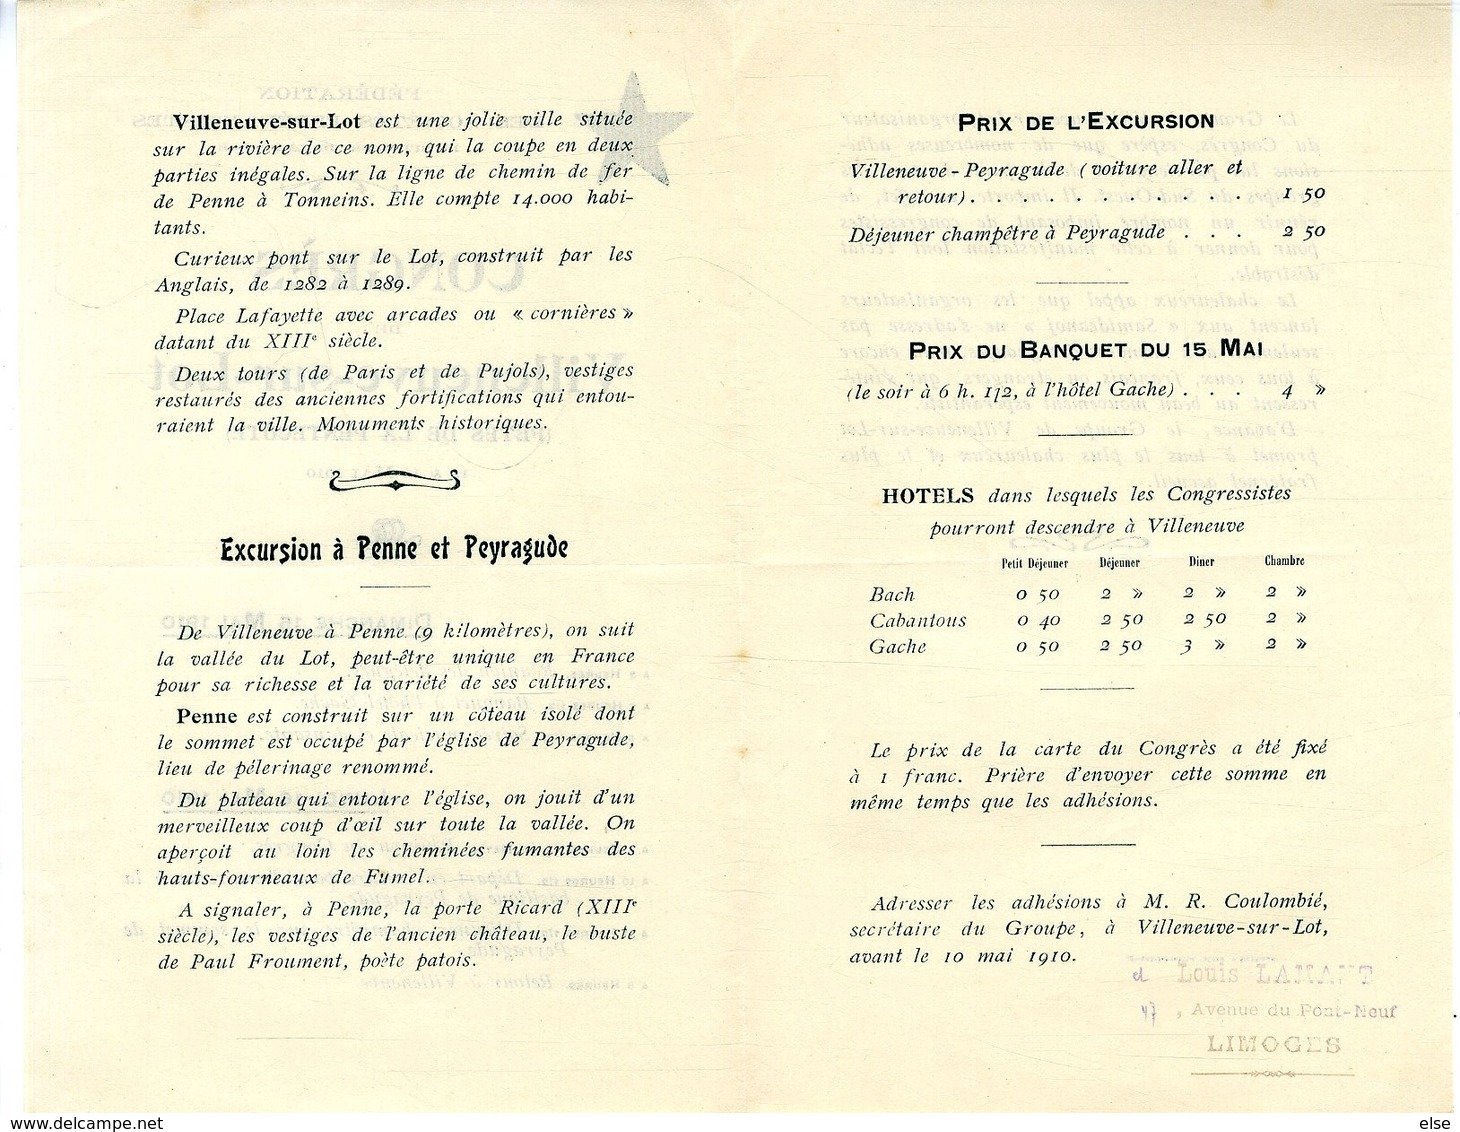 ESPERANTO  CONGRES DE VILLENEUVE SUR LOT  Penne Peyragude  MAI 1910  -  2 DEPLIANTS - Frankrijk